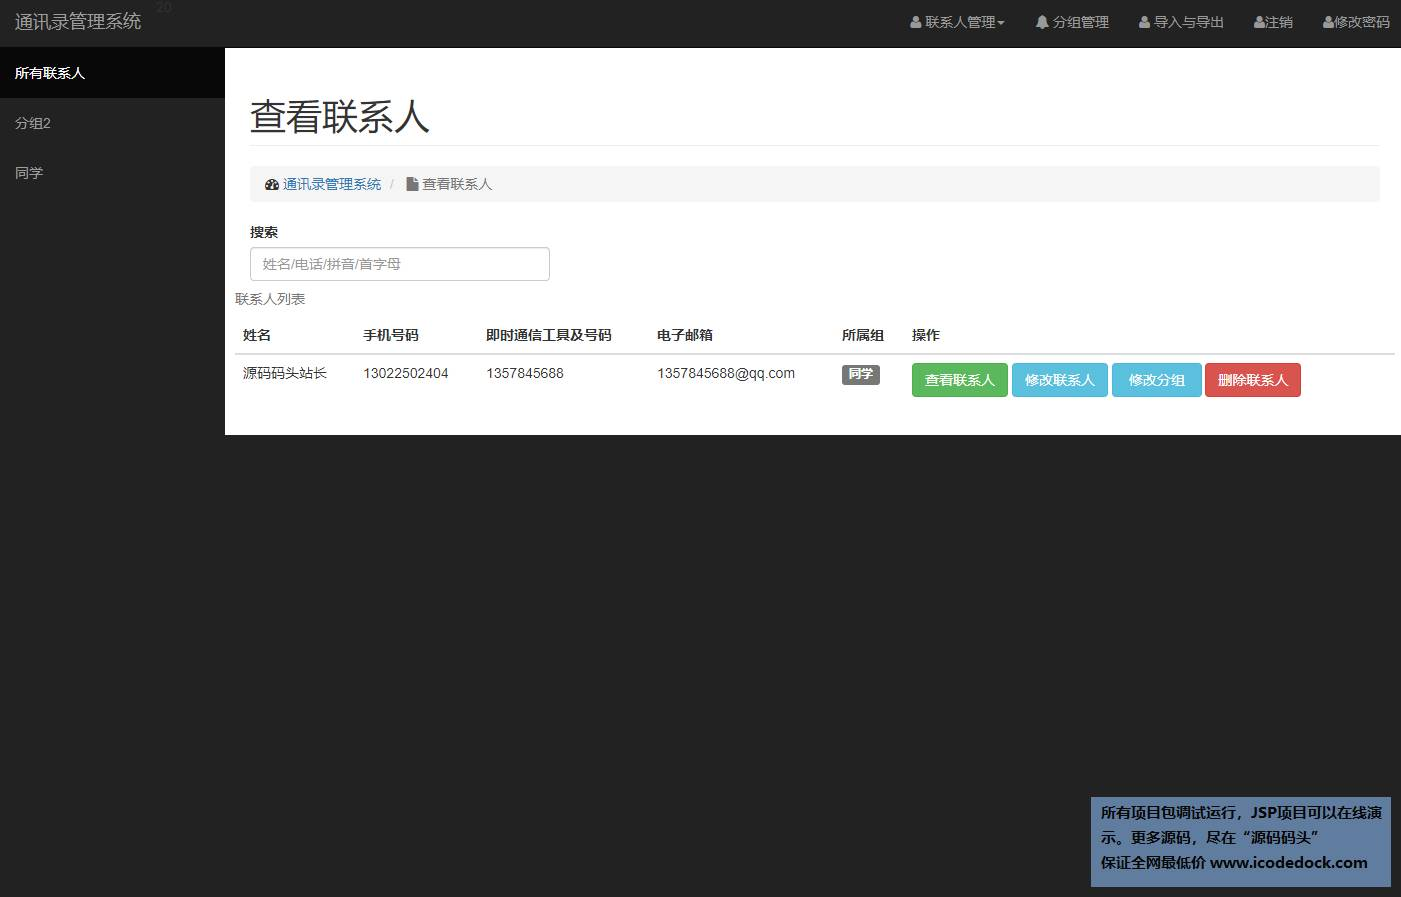 源码码头-SSH通讯录网站管理系统-用户角色-查看联系人